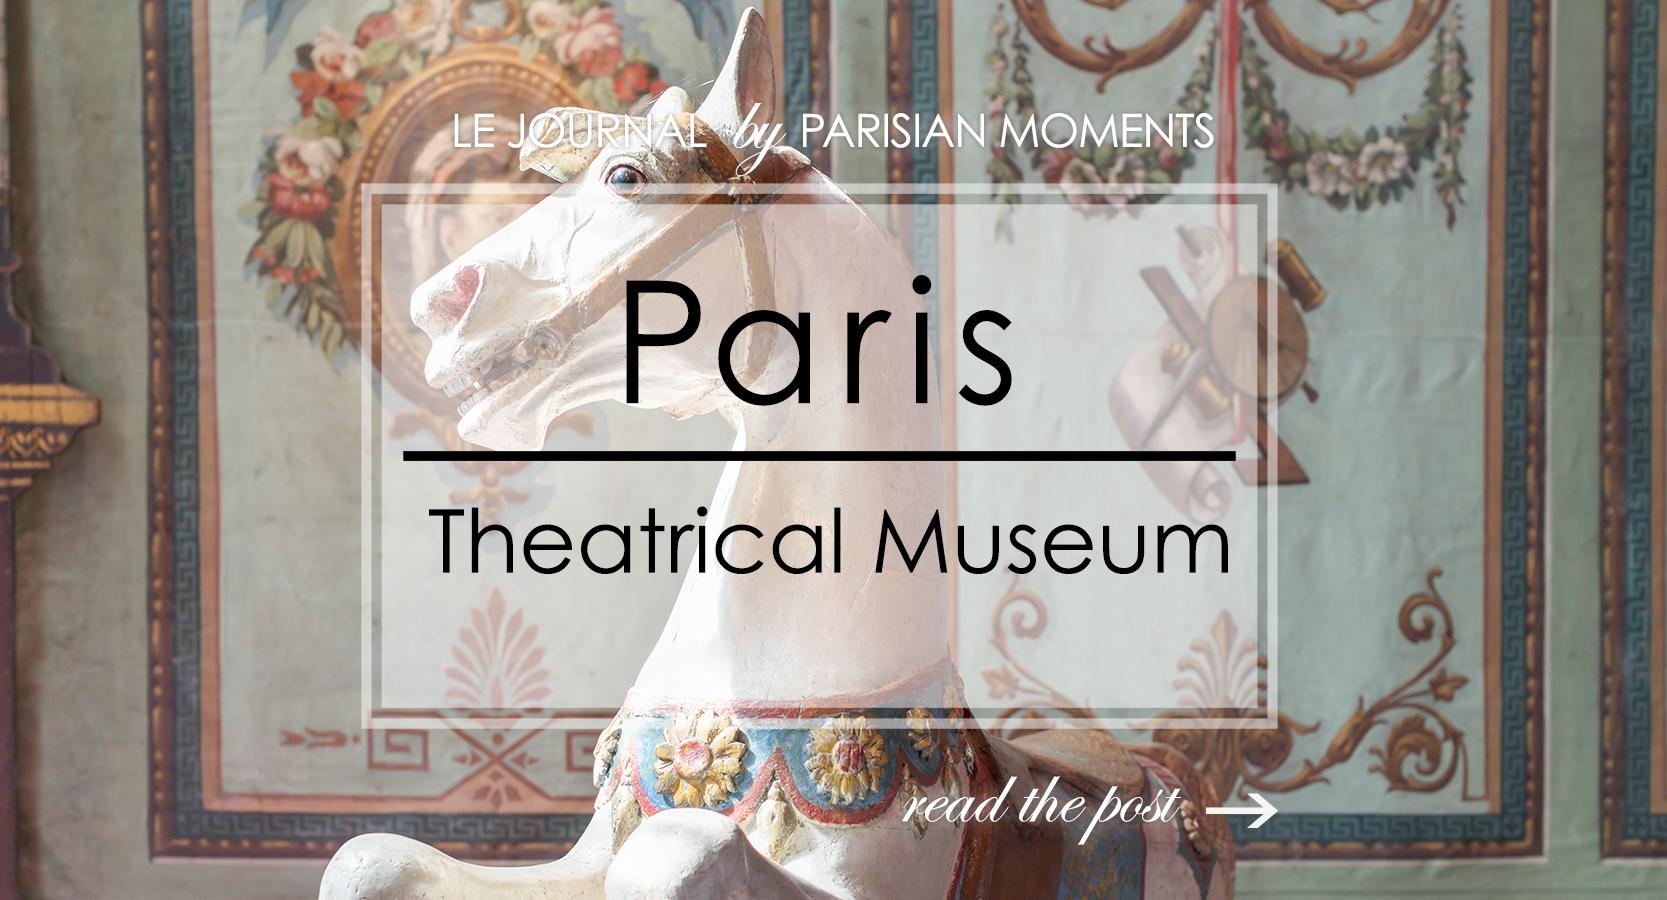 Paris Theatrical Museum